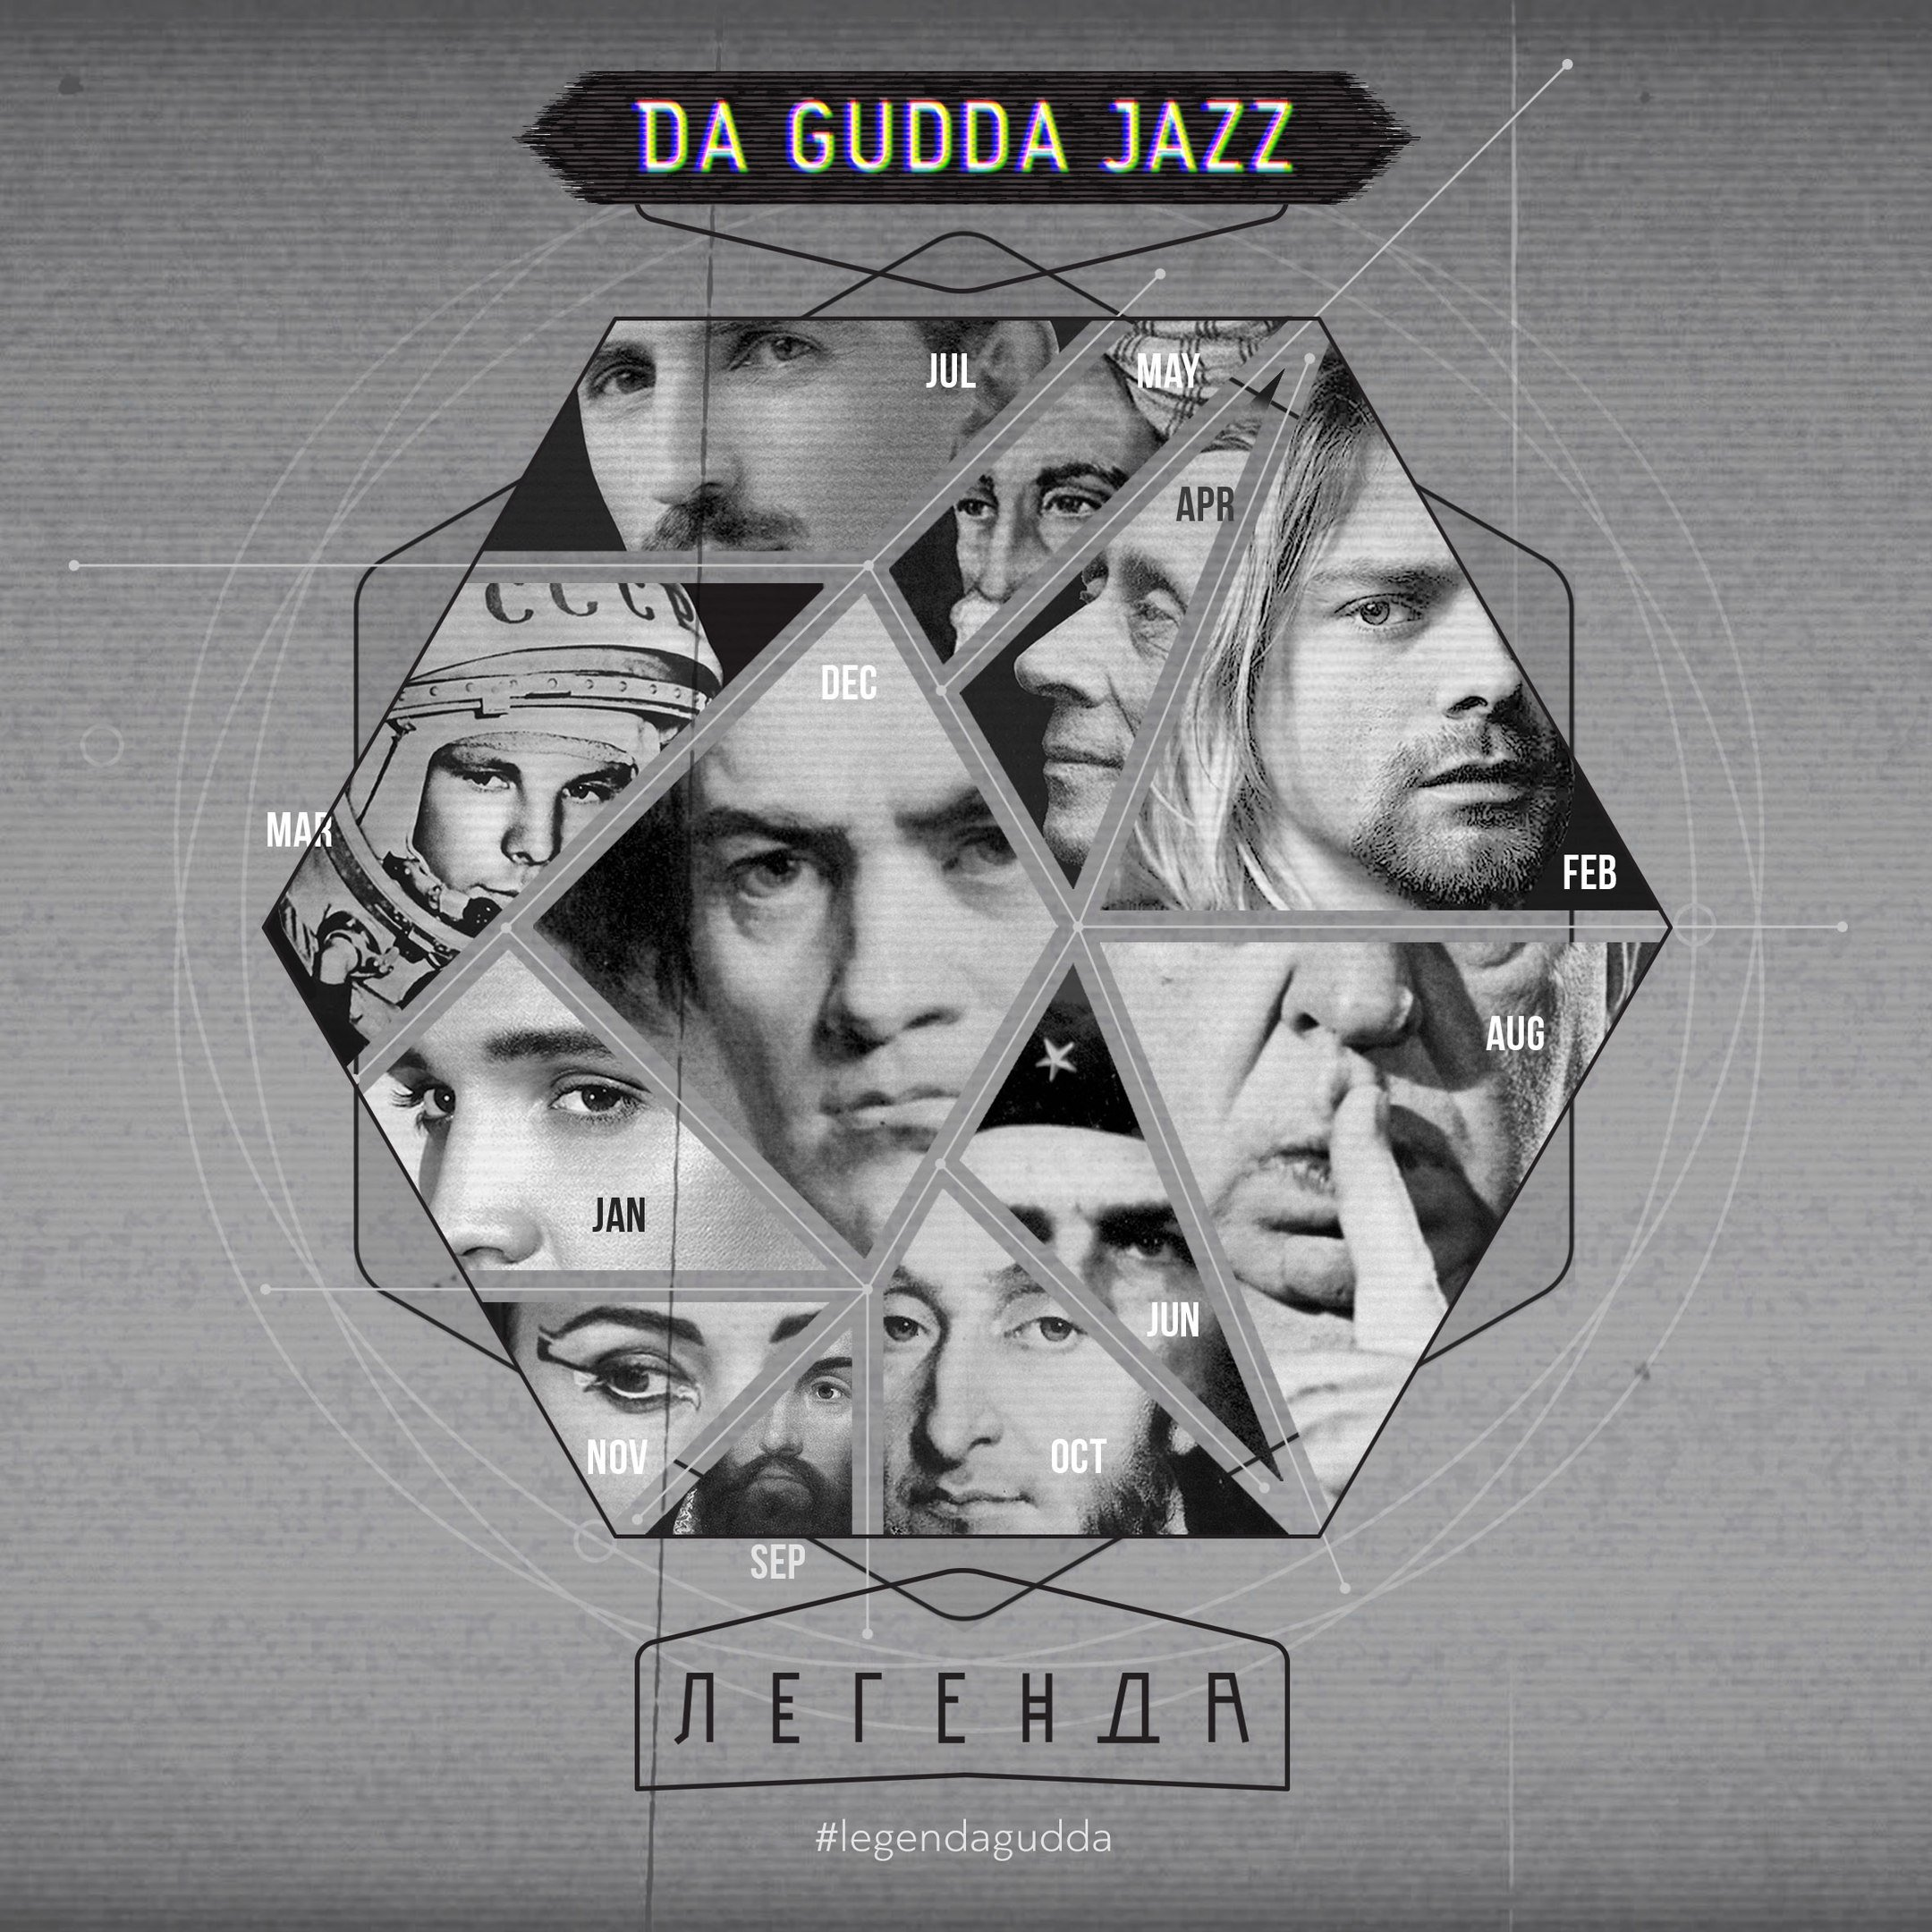 Da Gudda Jazz